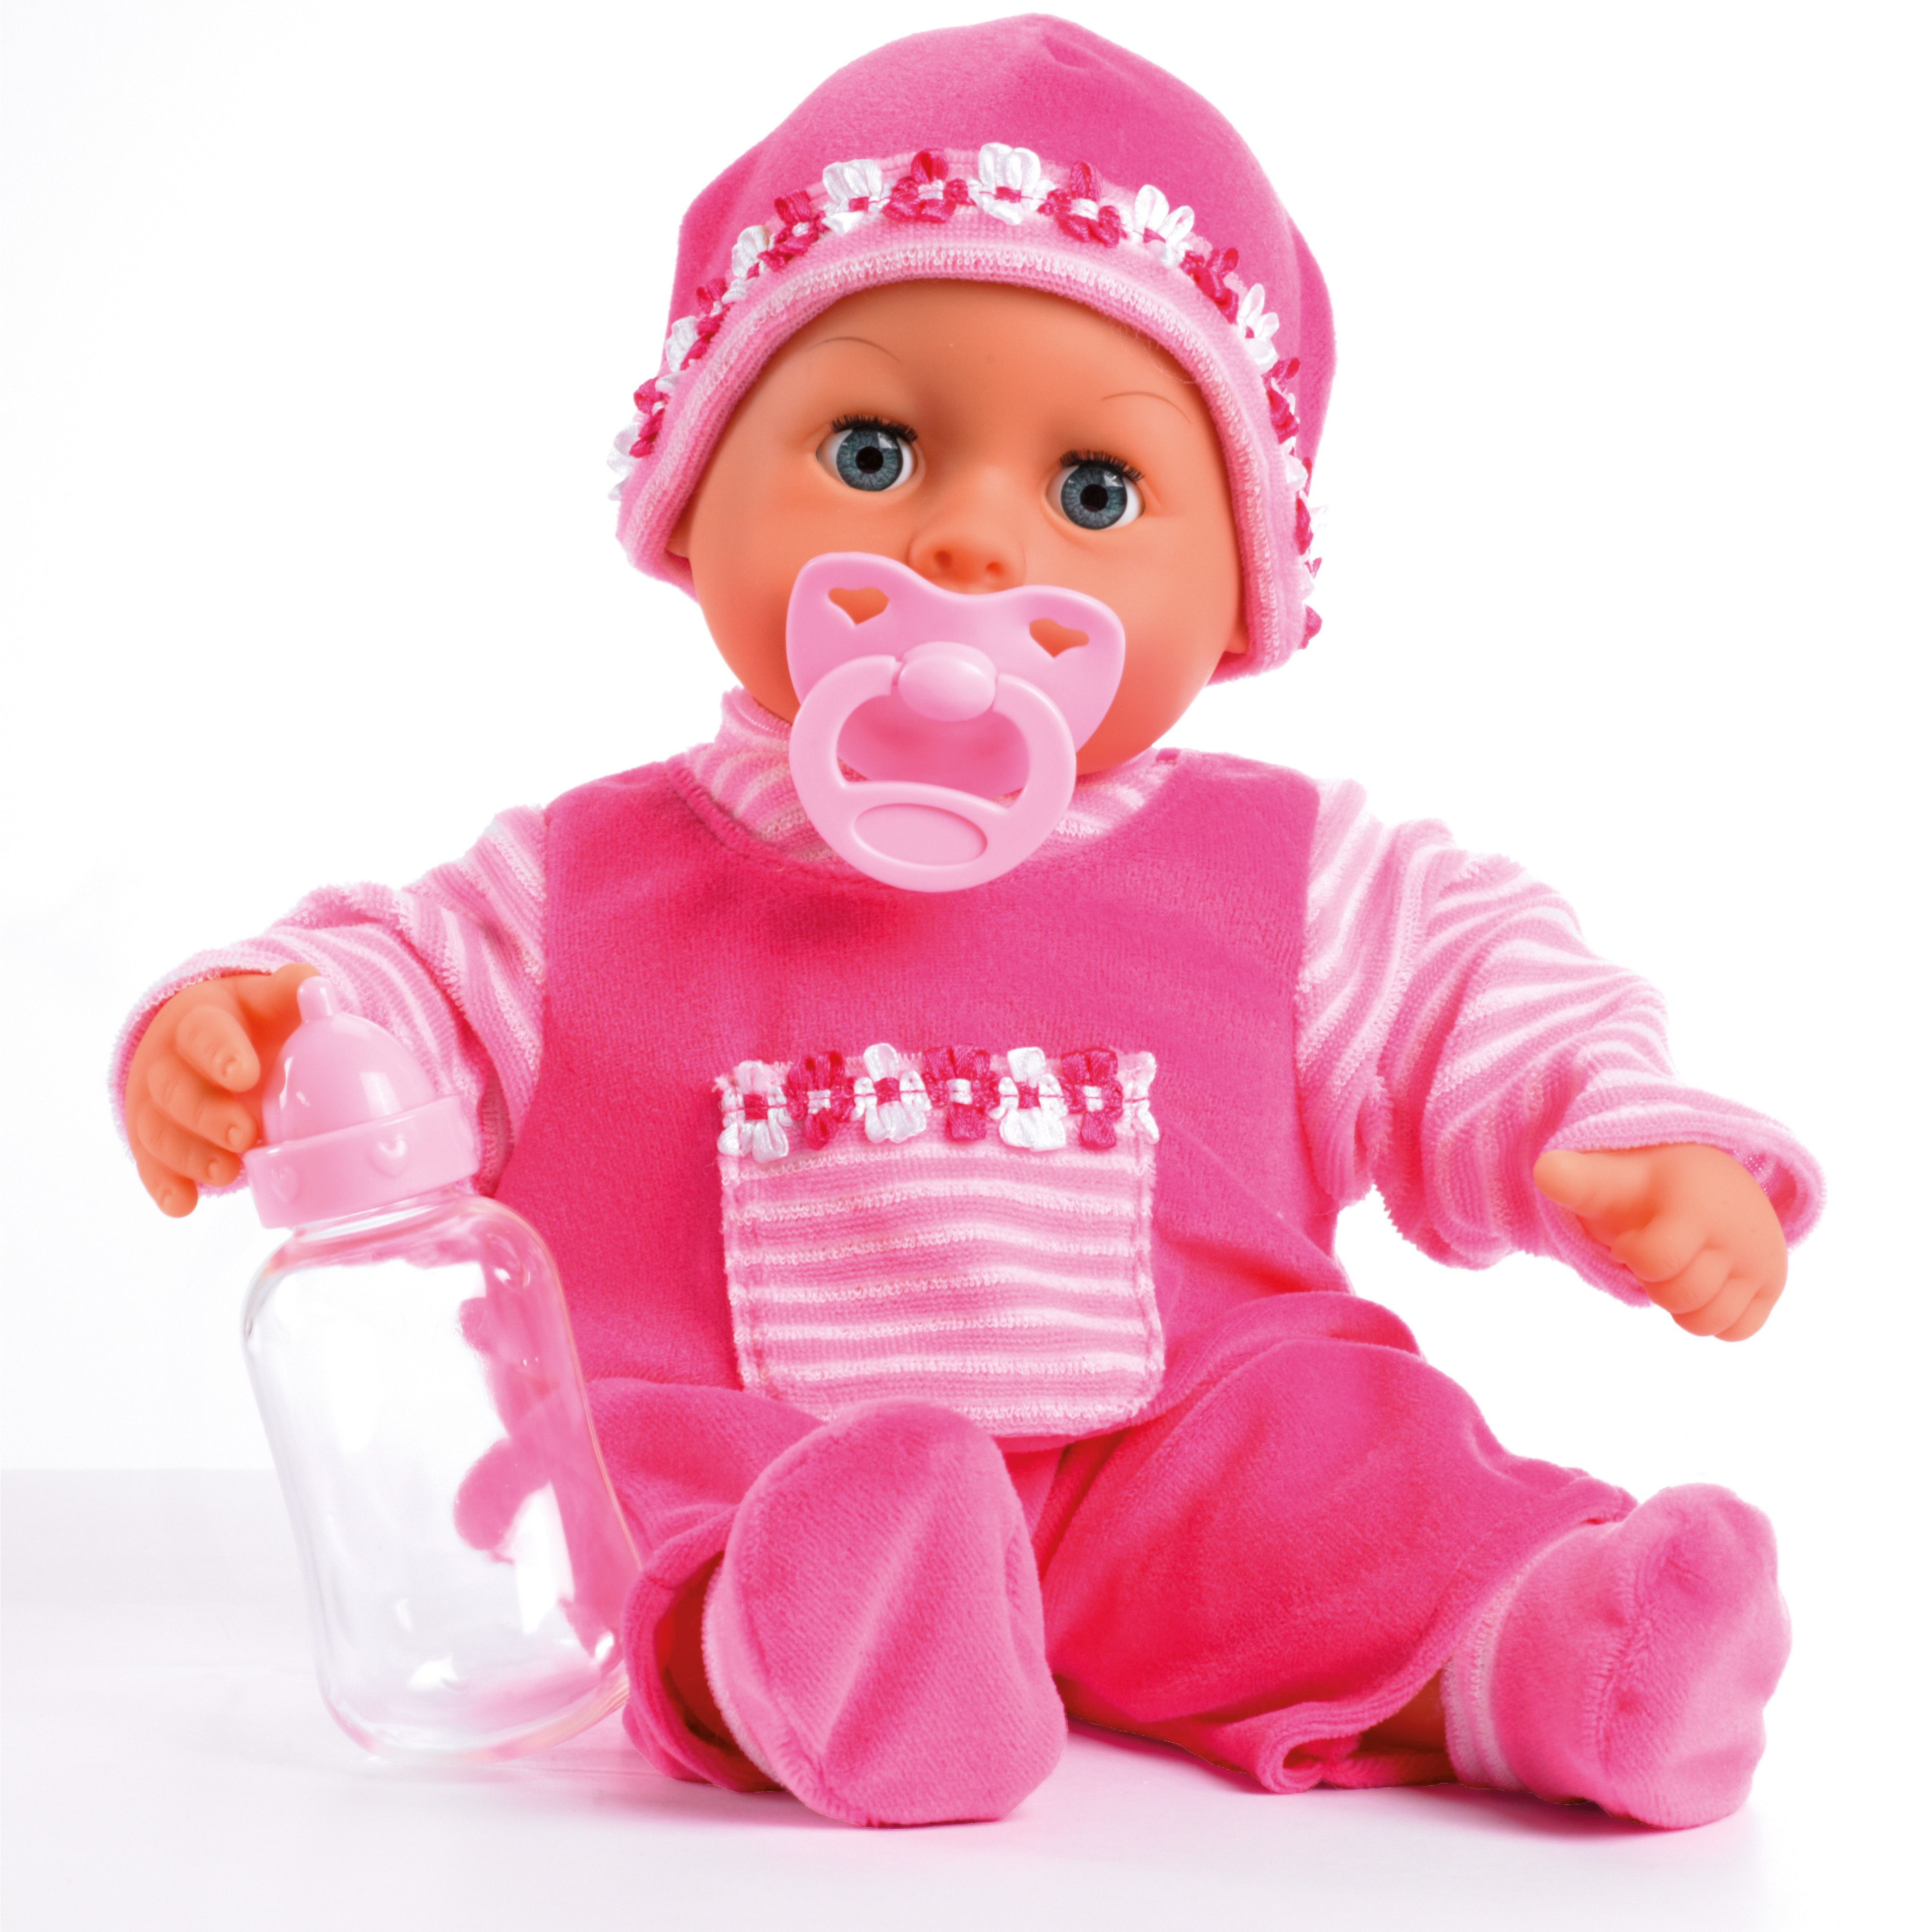 Bayer Design Пупс Малыш  мои первые слова цвет розовый 38 см - Куклы и аксессуары